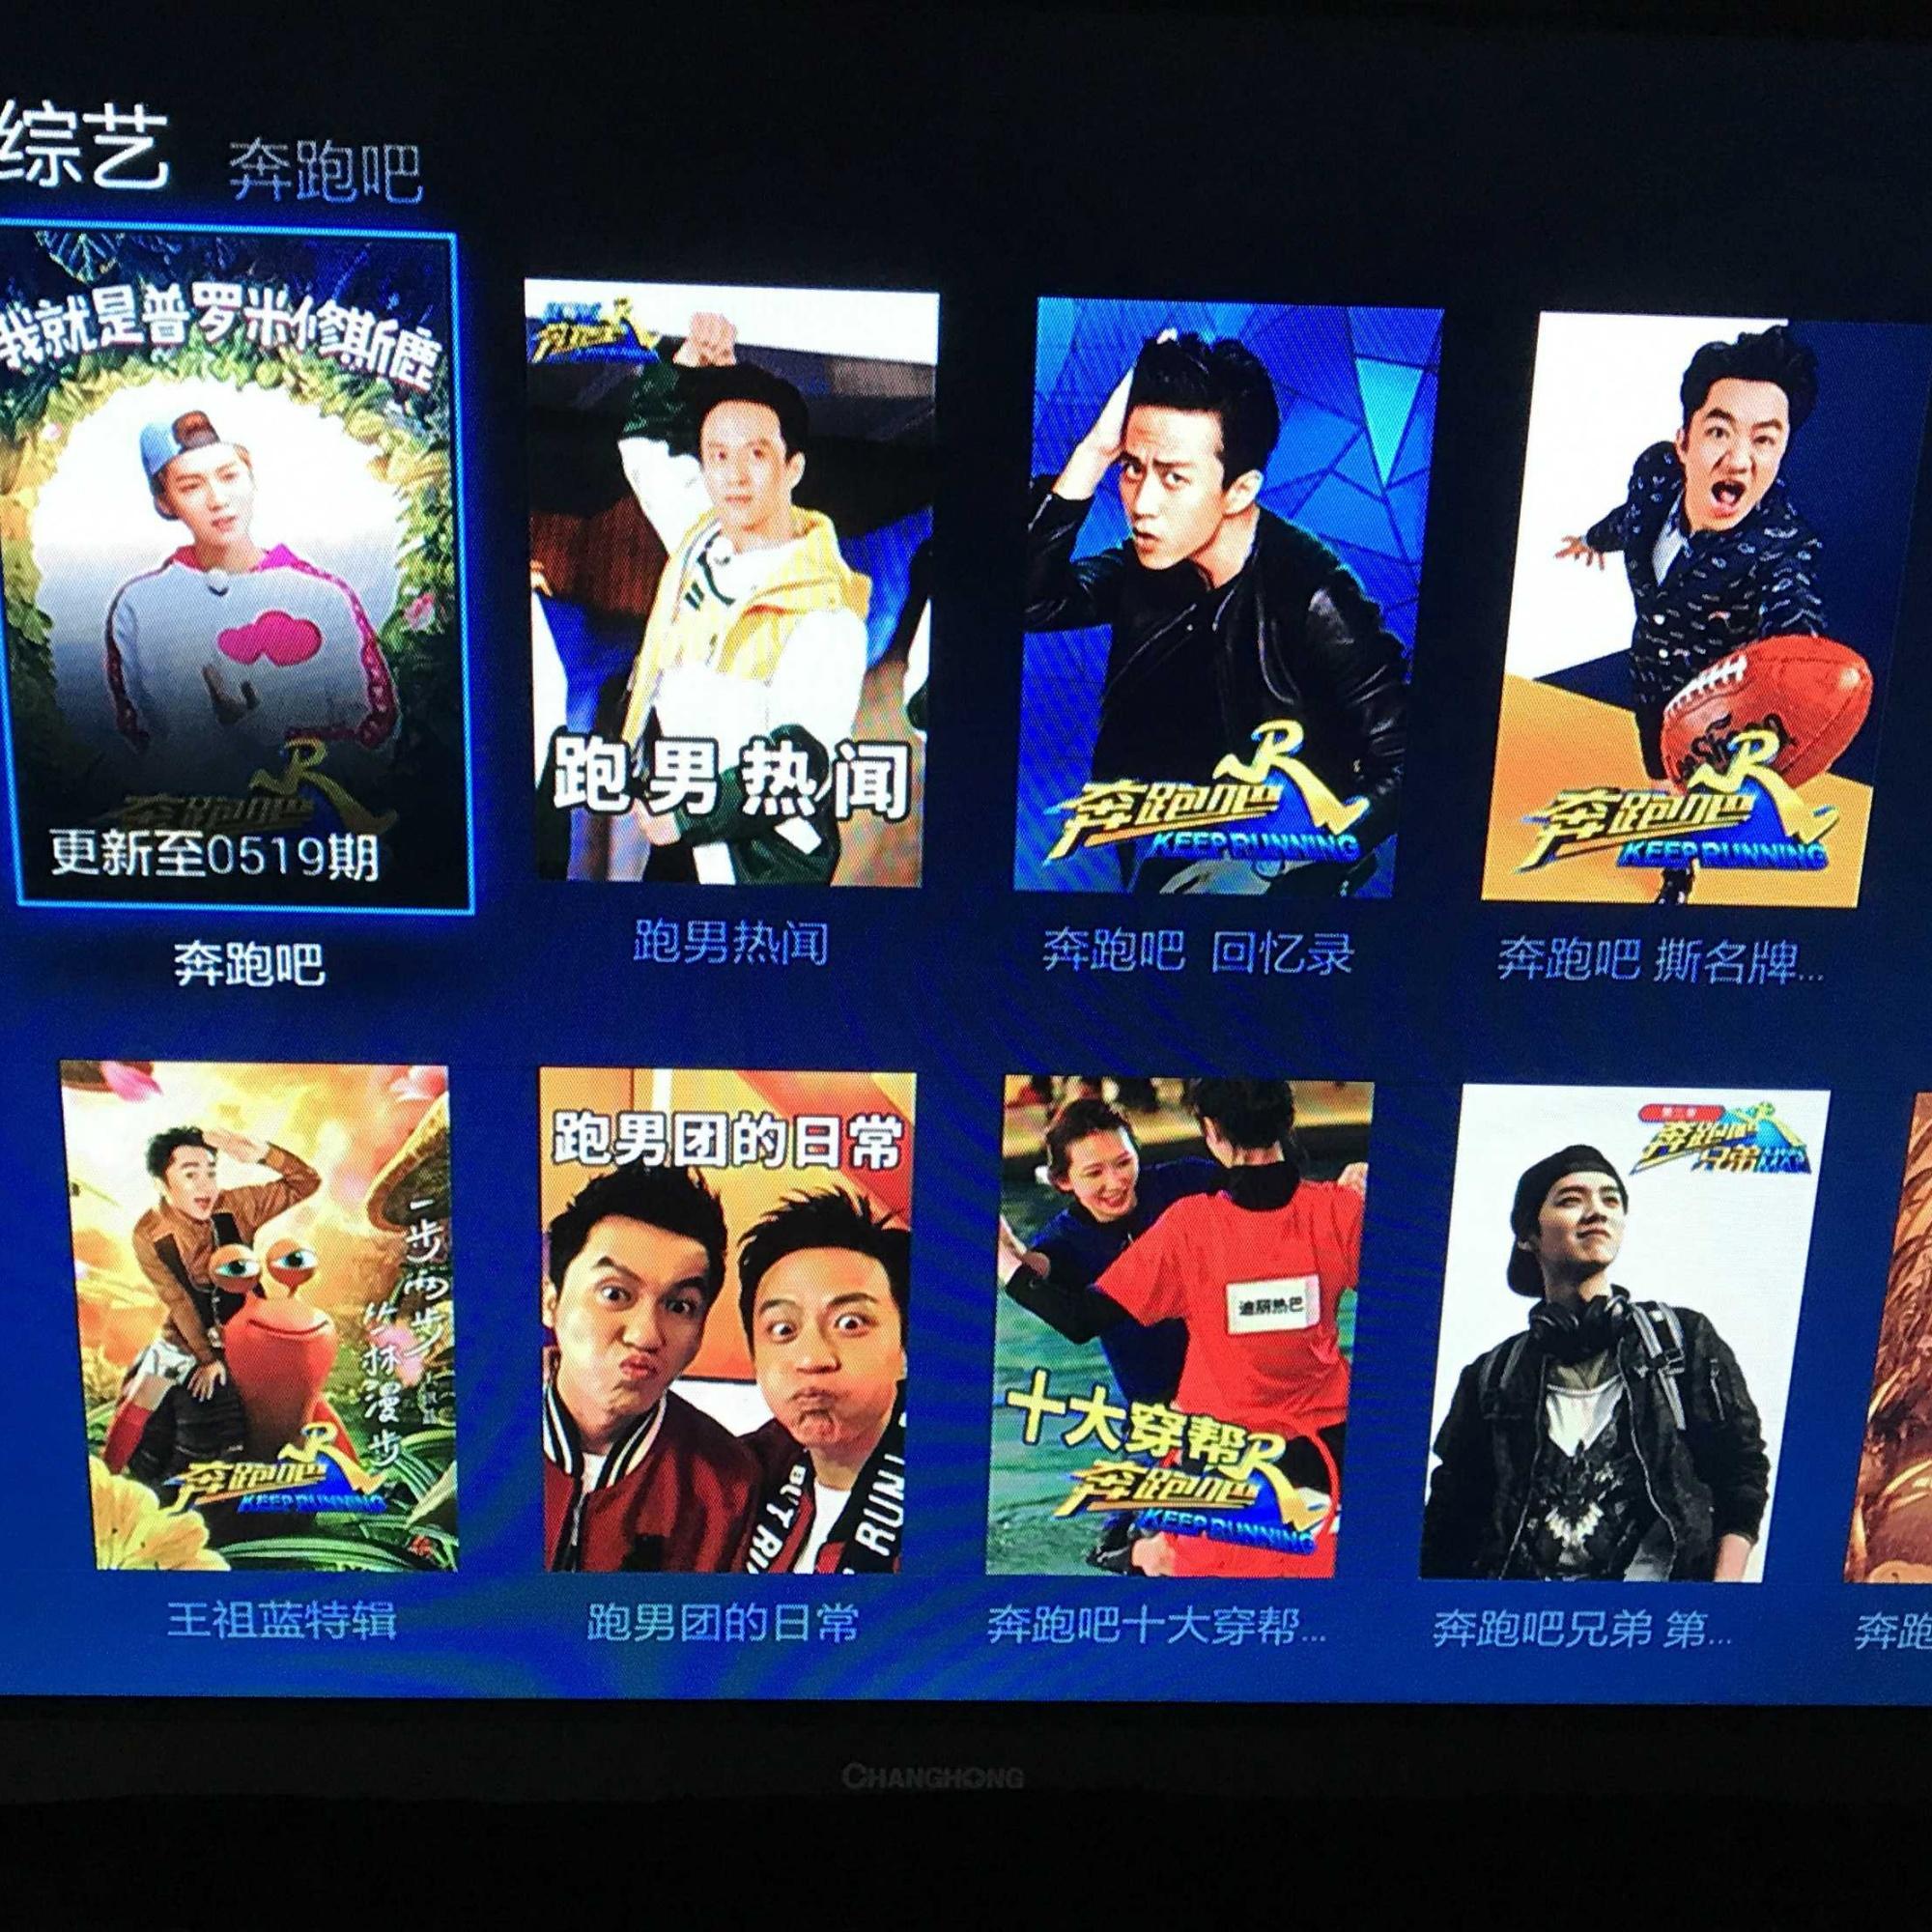 长虹液晶电视画面艳丽!!!!!!求助